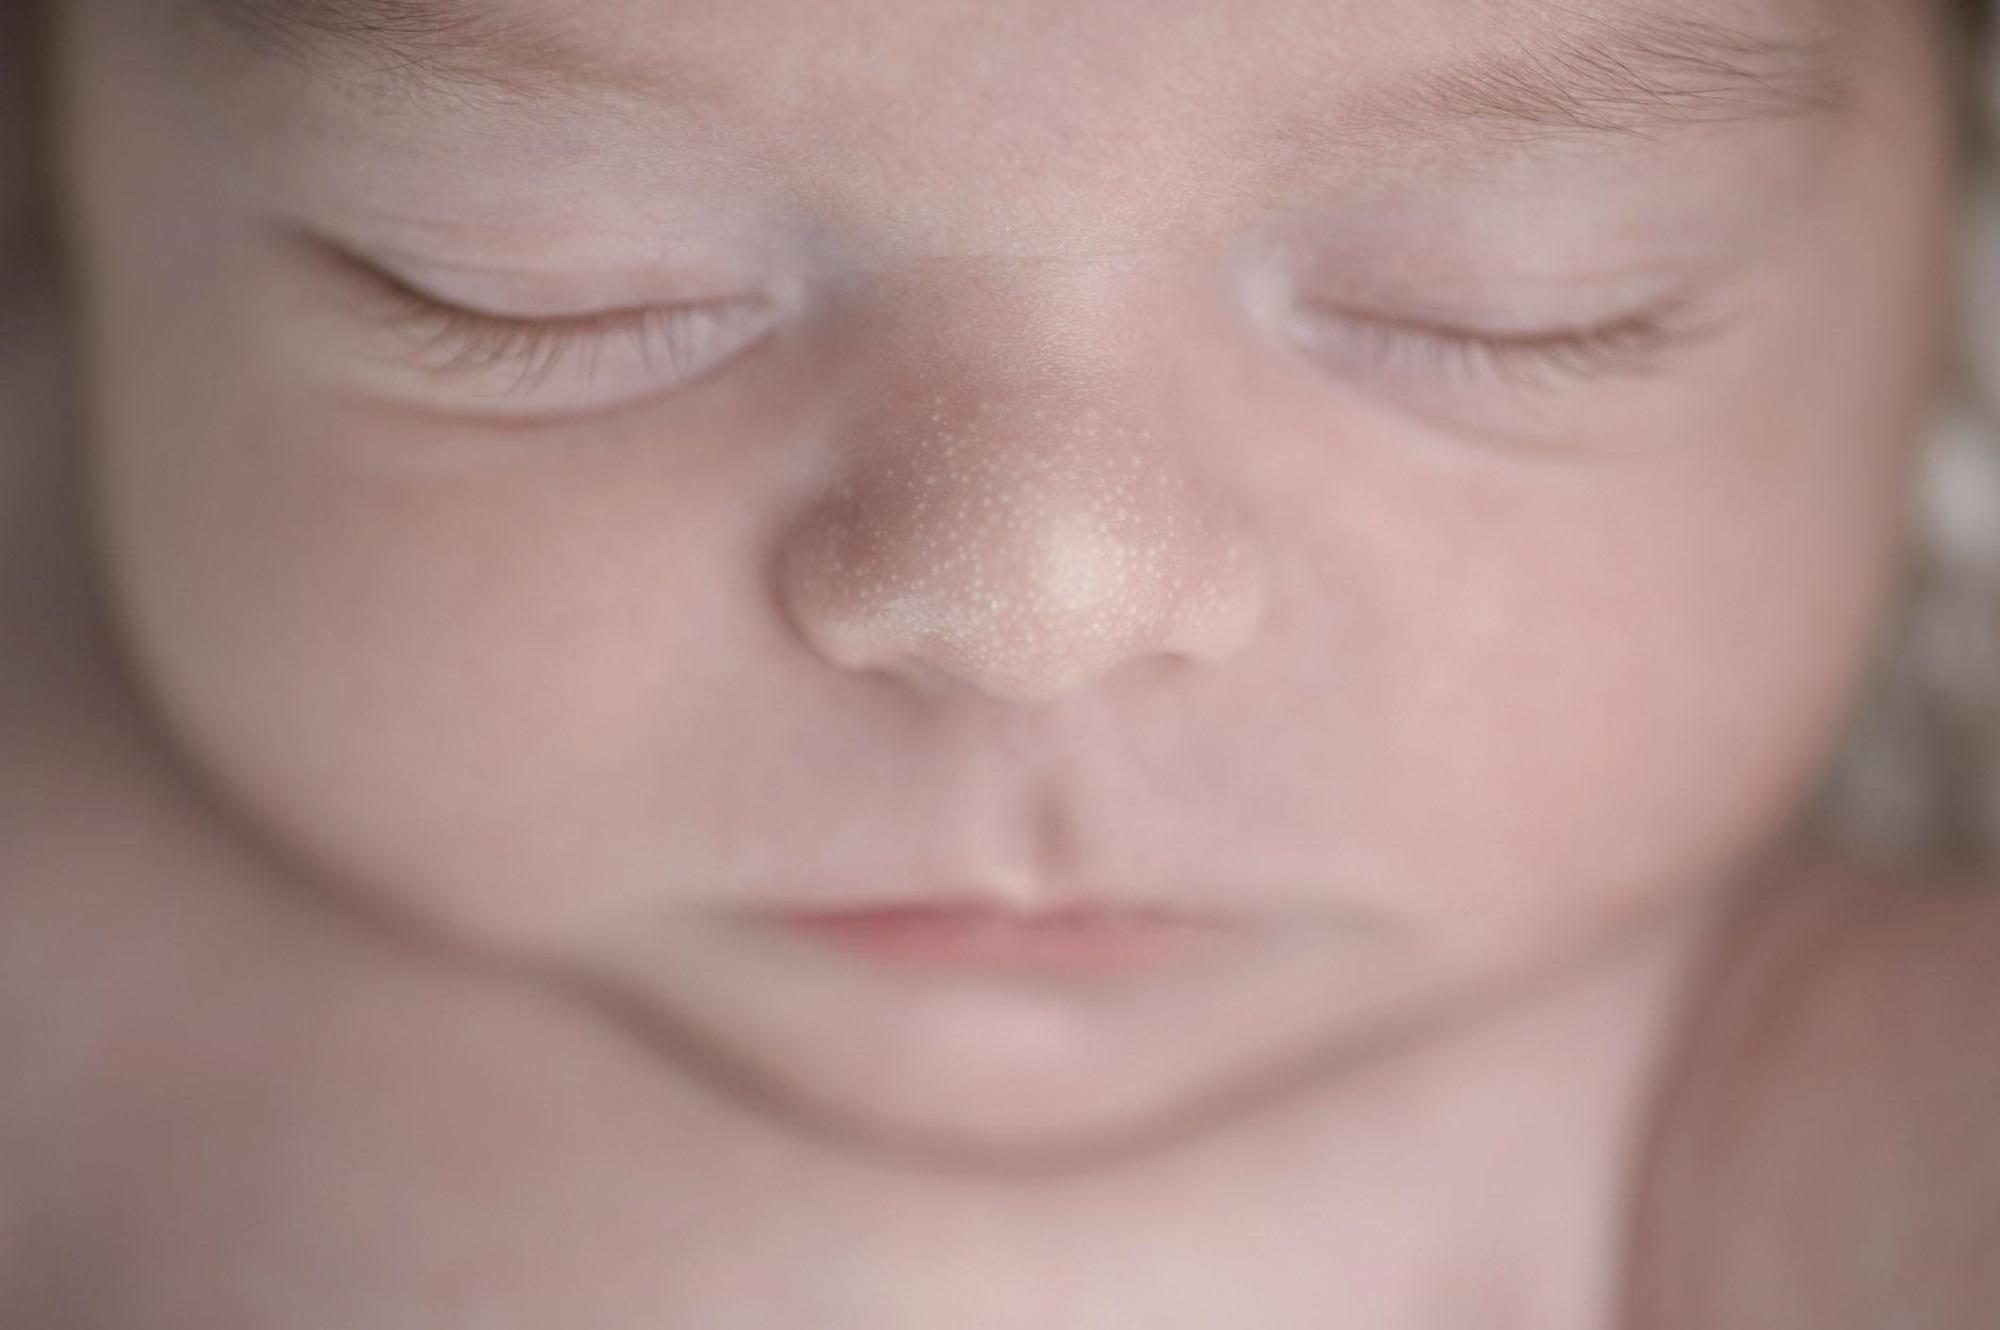 Làm gì khi trẻ sơ sinh bị kê? - Ảnh 1